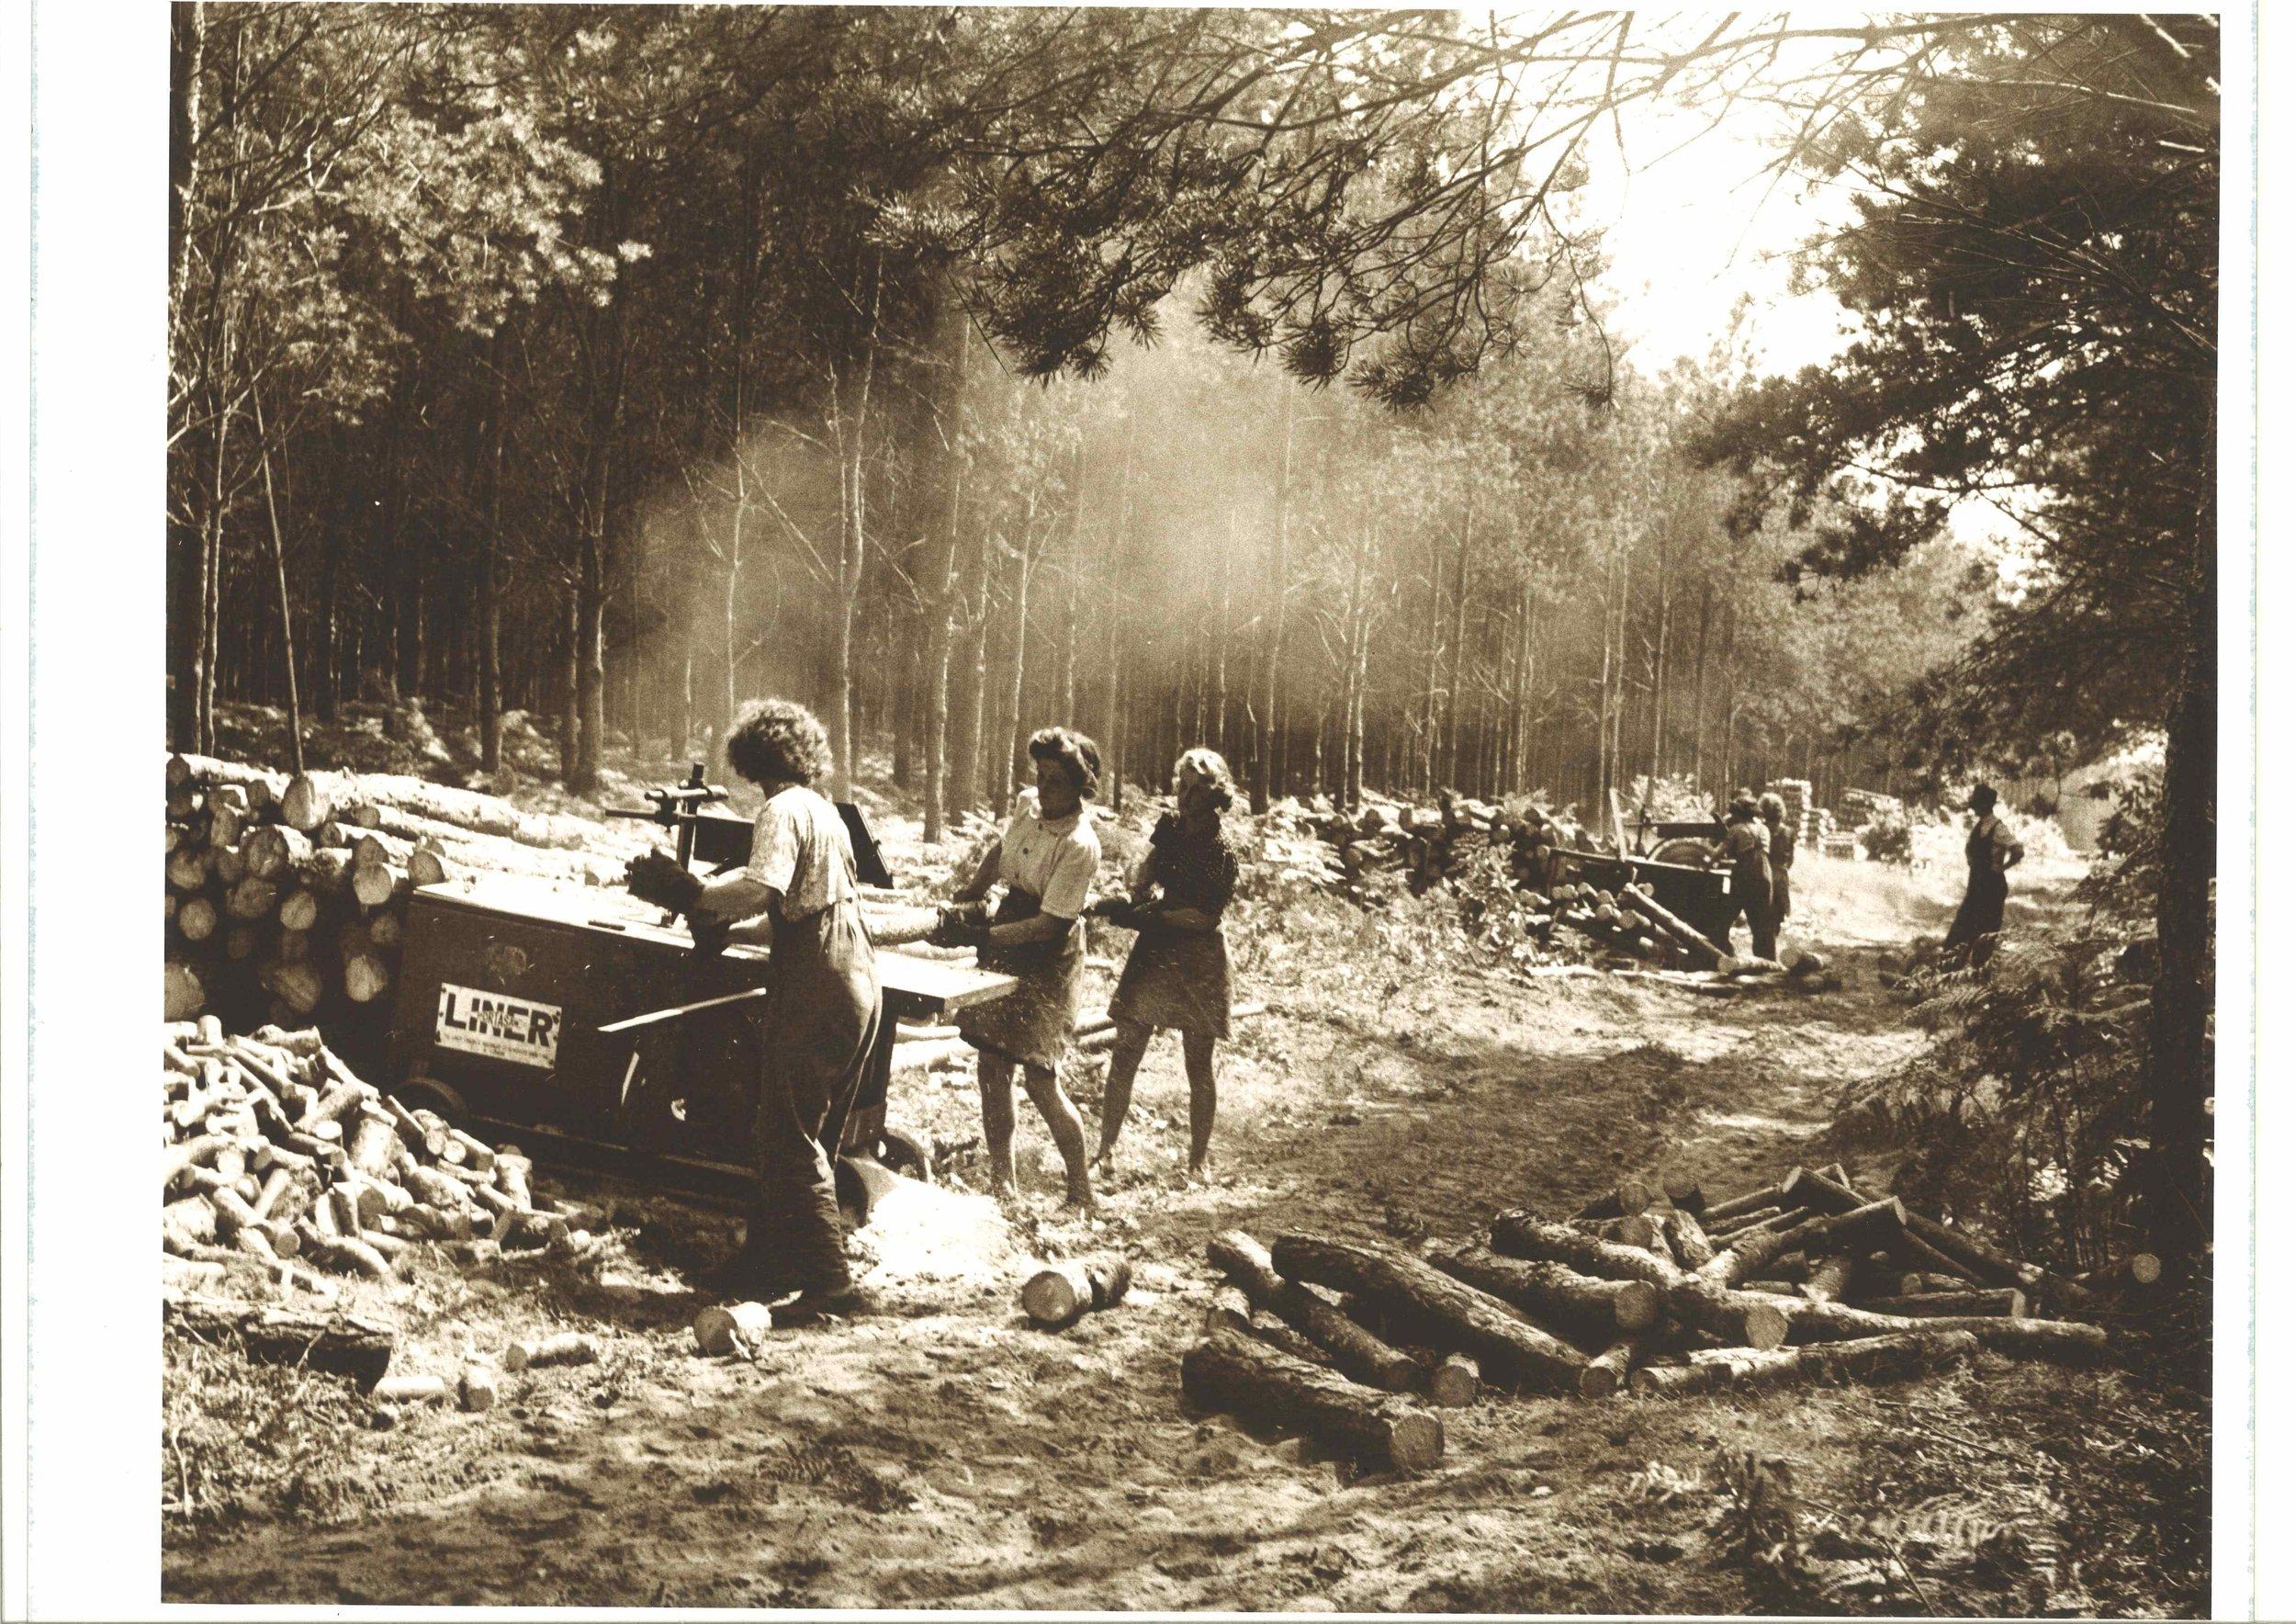 WTC members at work, 1944